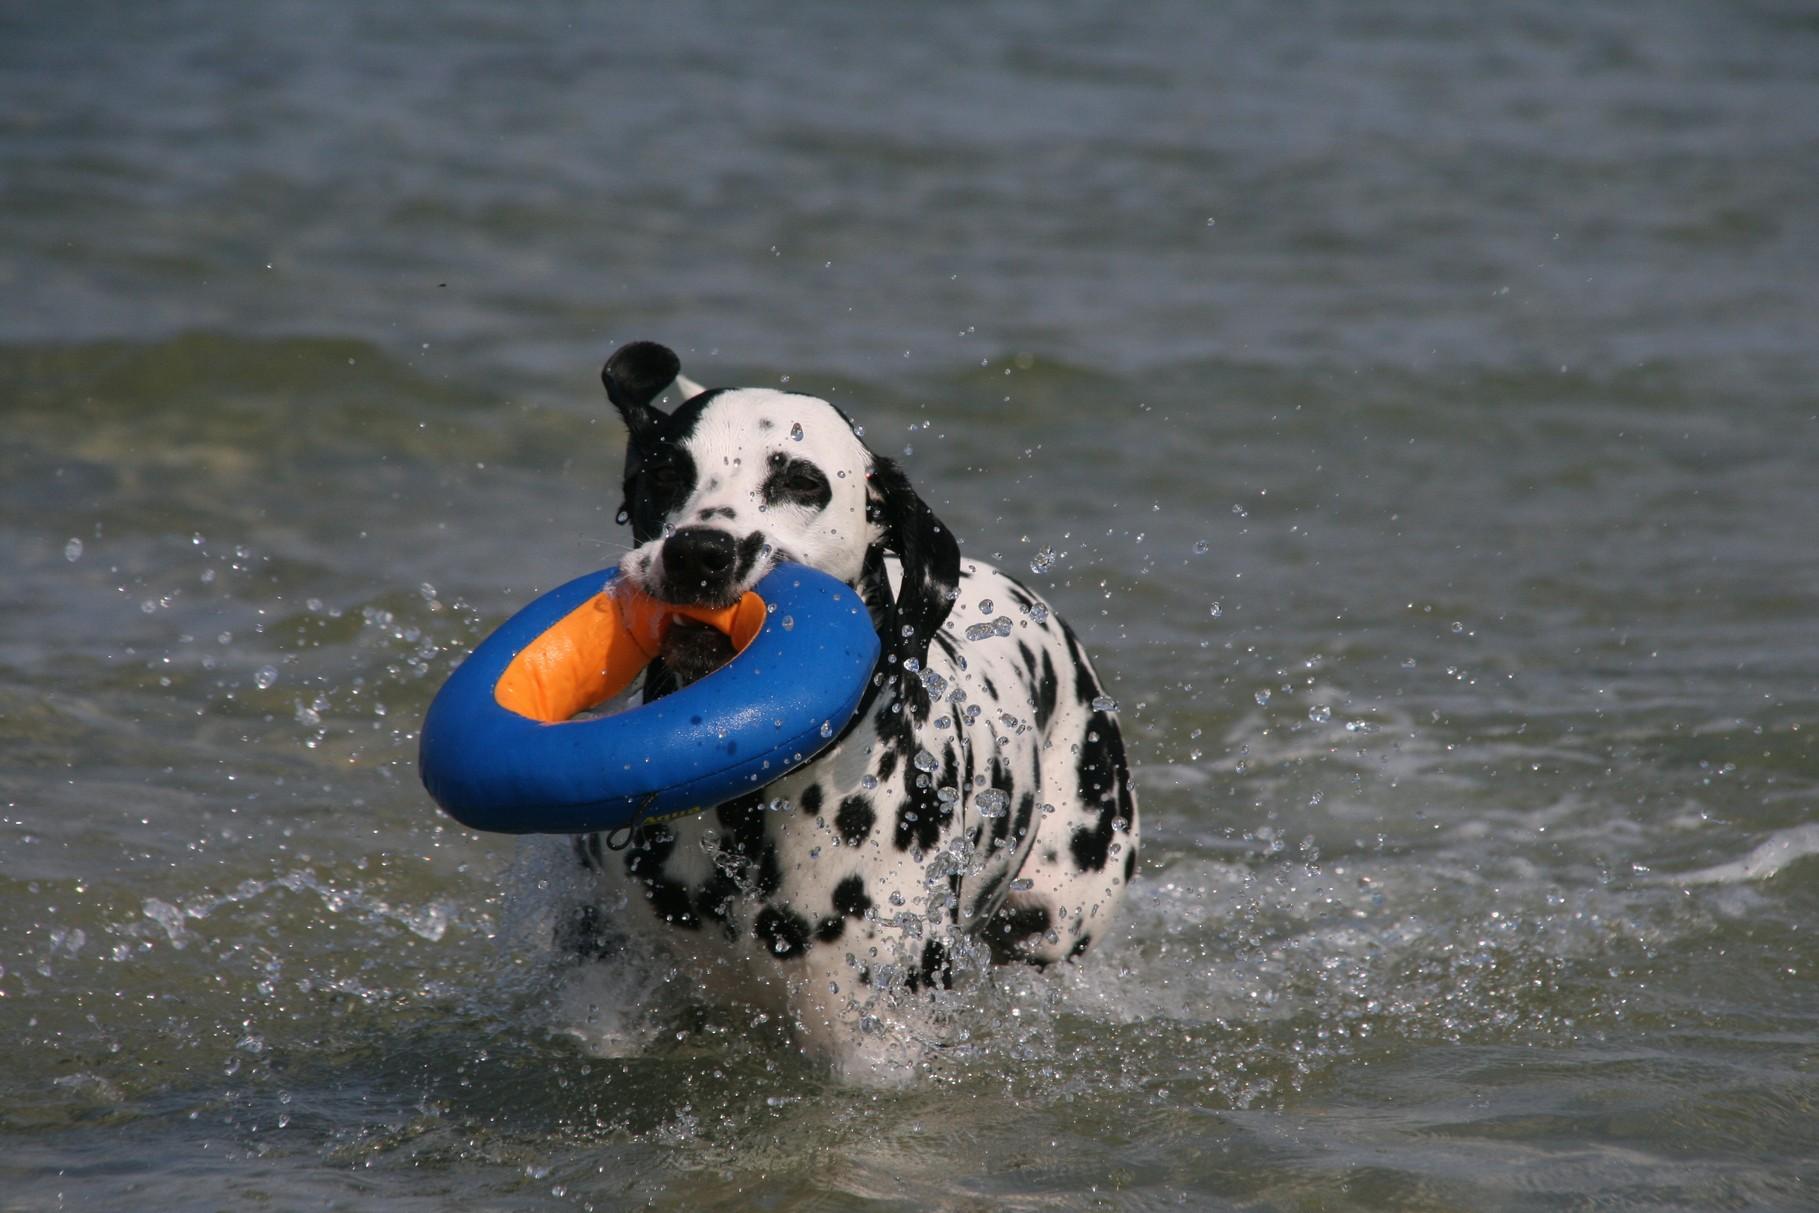 ... die Bade-Saison hat eröffnet!!!